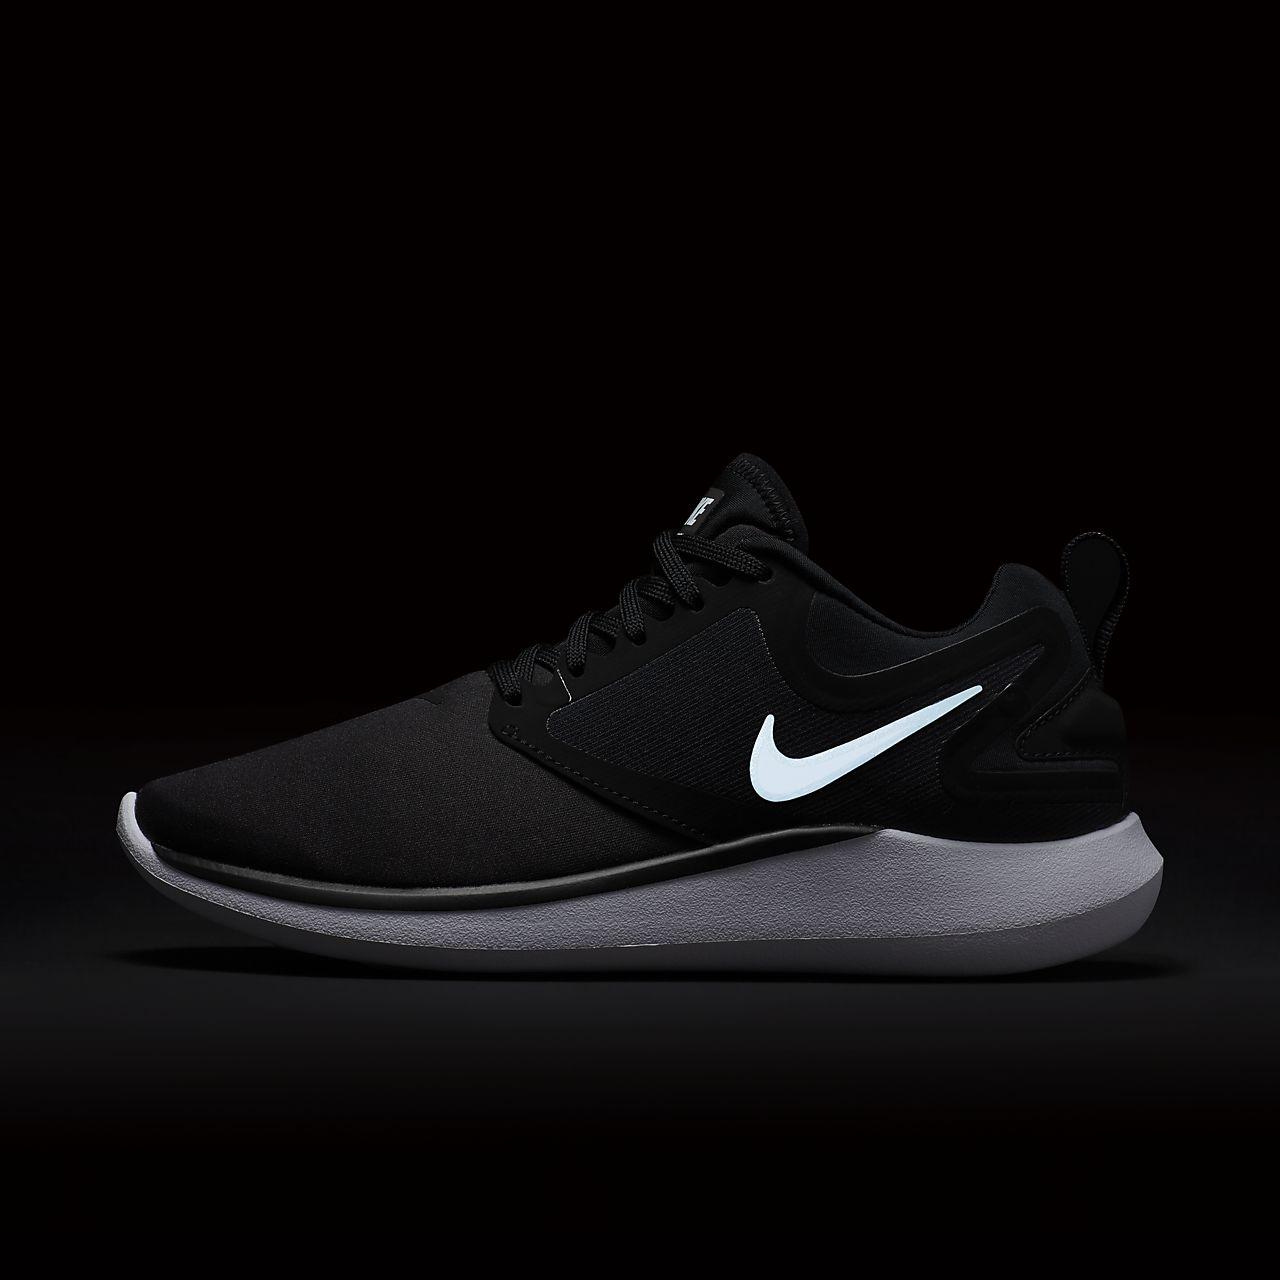 9eid2why Lunarsolo Laufschuh Laufschuh Nike Damen Nike Nike Lunarsolo 9eid2why Lunarsolo Damen Damen bf7gyvY6